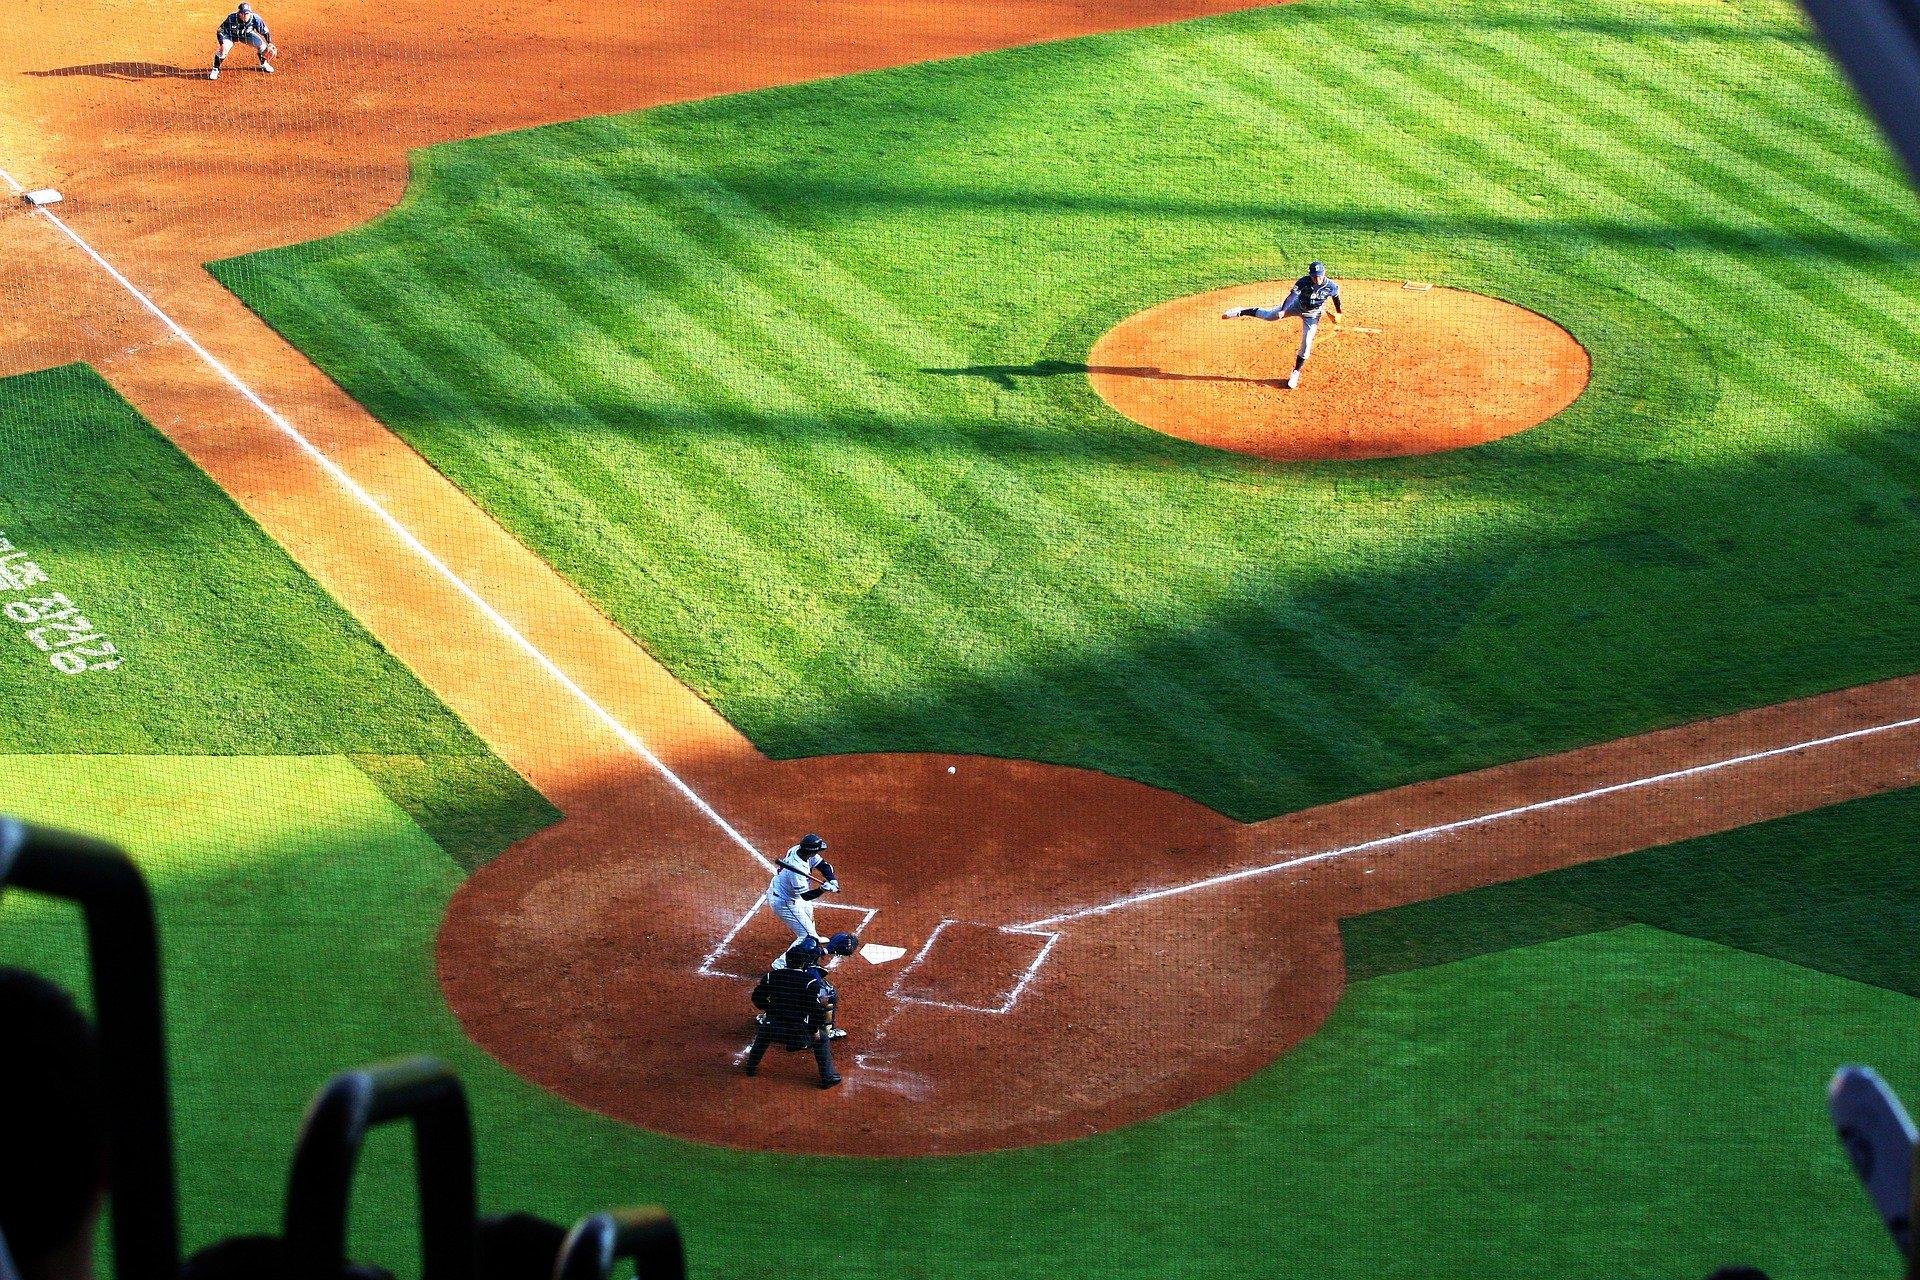 南北海道高校野球2021優勝予想やドラフト注目選手